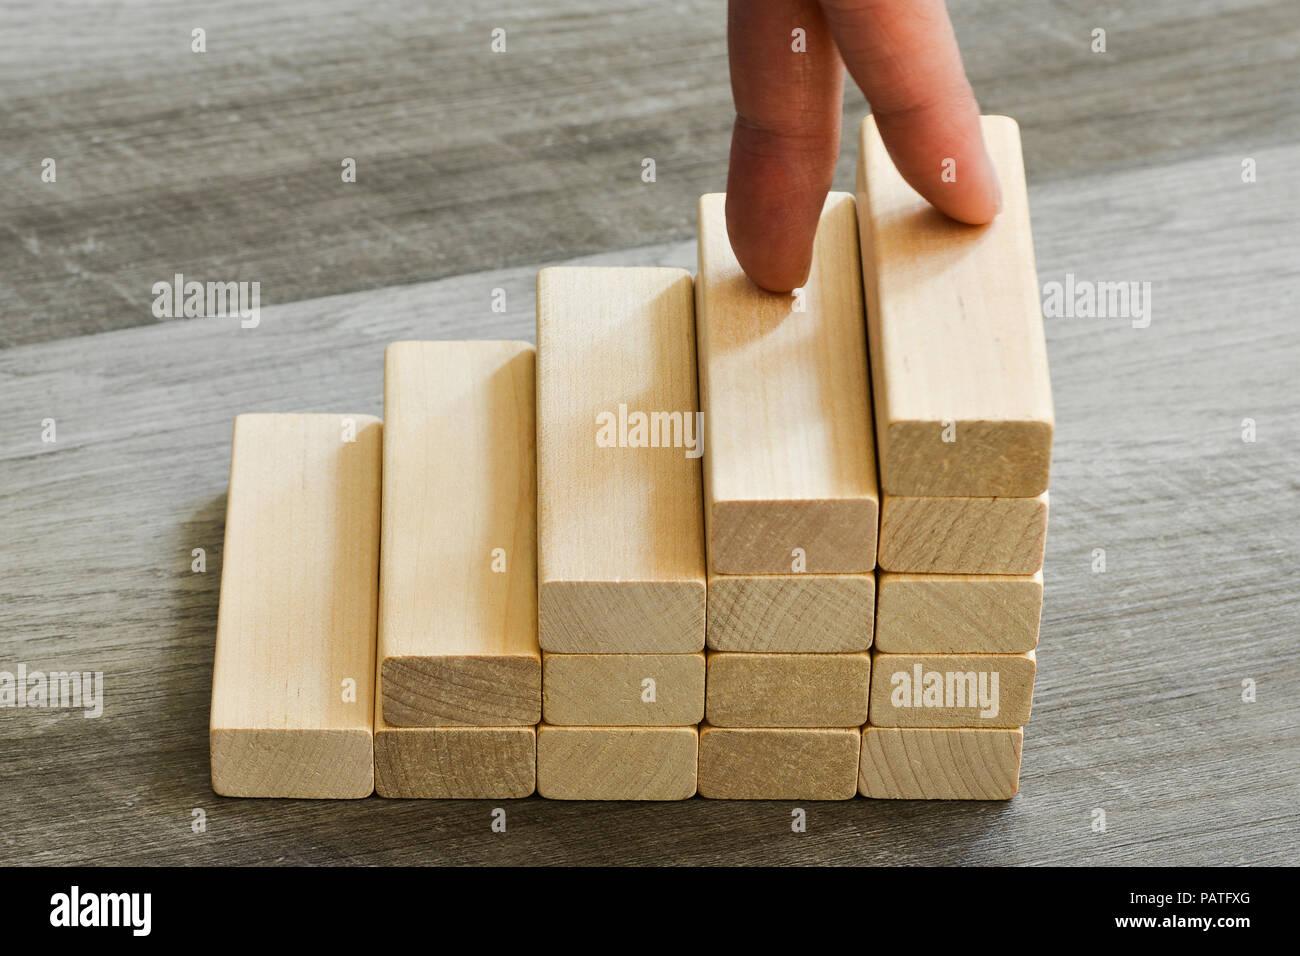 Finger Klettern bis zum oberen Ende der Treppe auf dunklem Hintergrund - Erfolg Konzept Stockbild